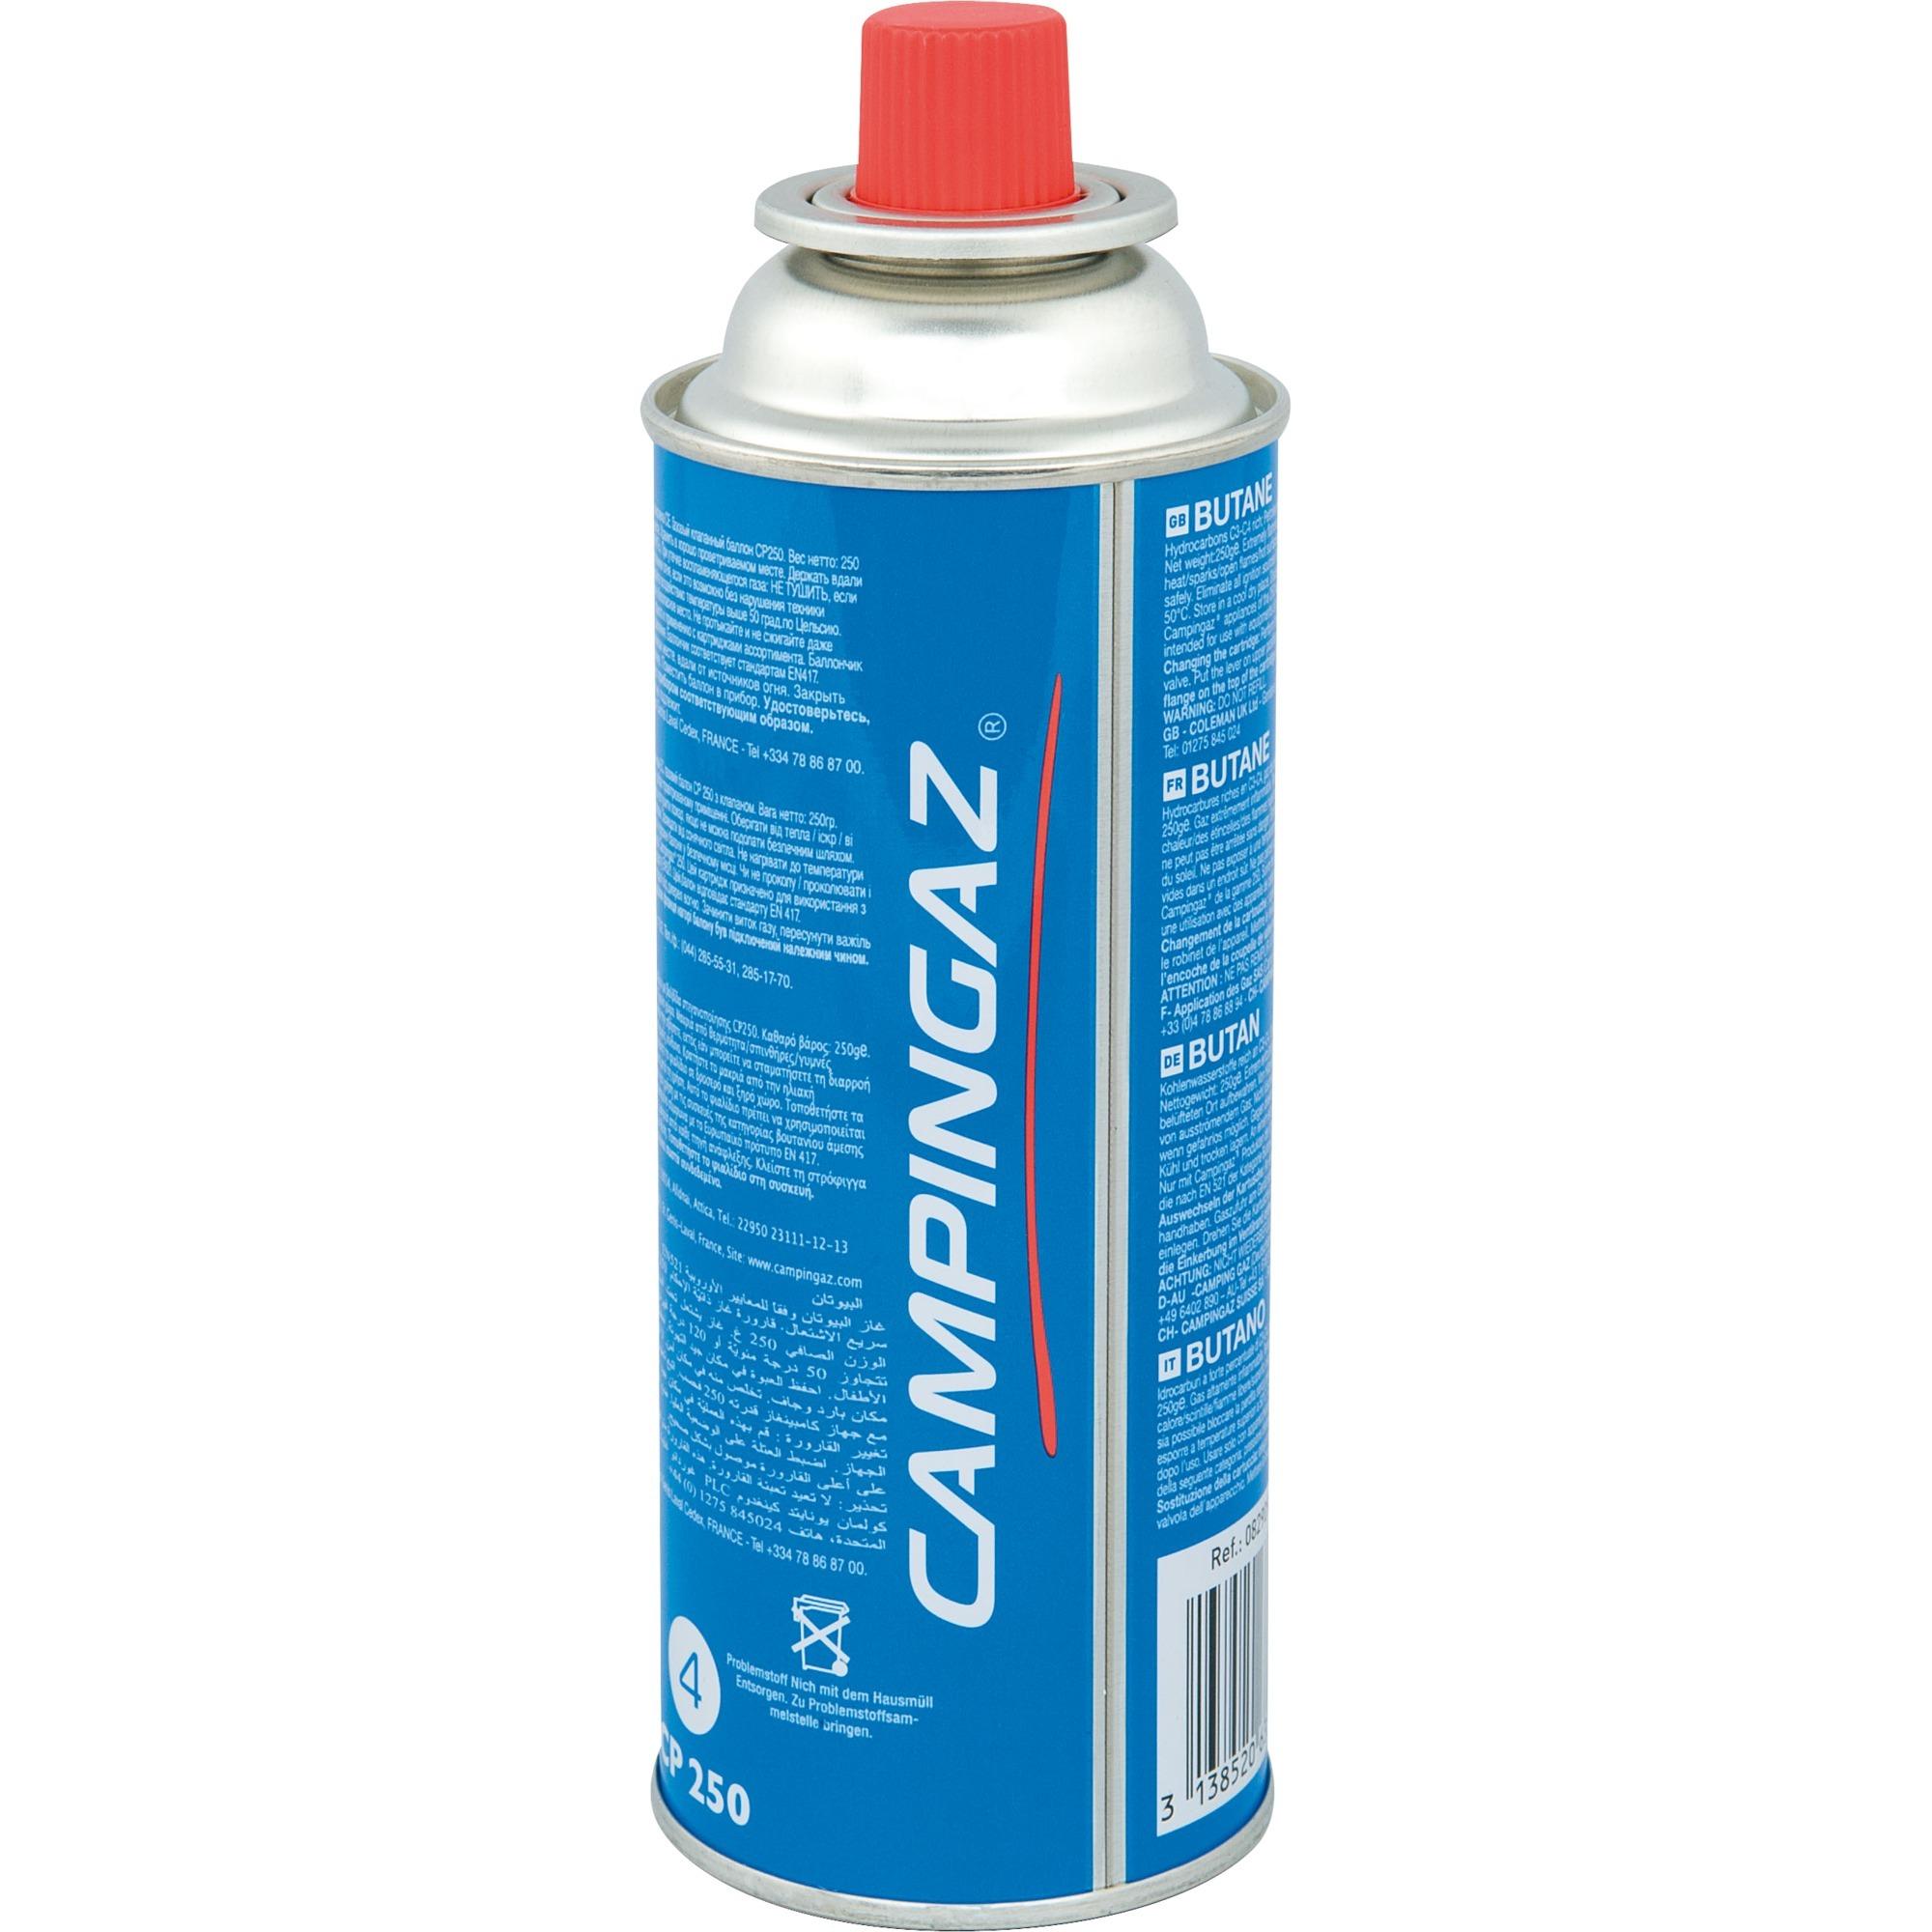 2000022380 250g Isobutano Cilindro (rellenable) cartucho y cilindro de gas